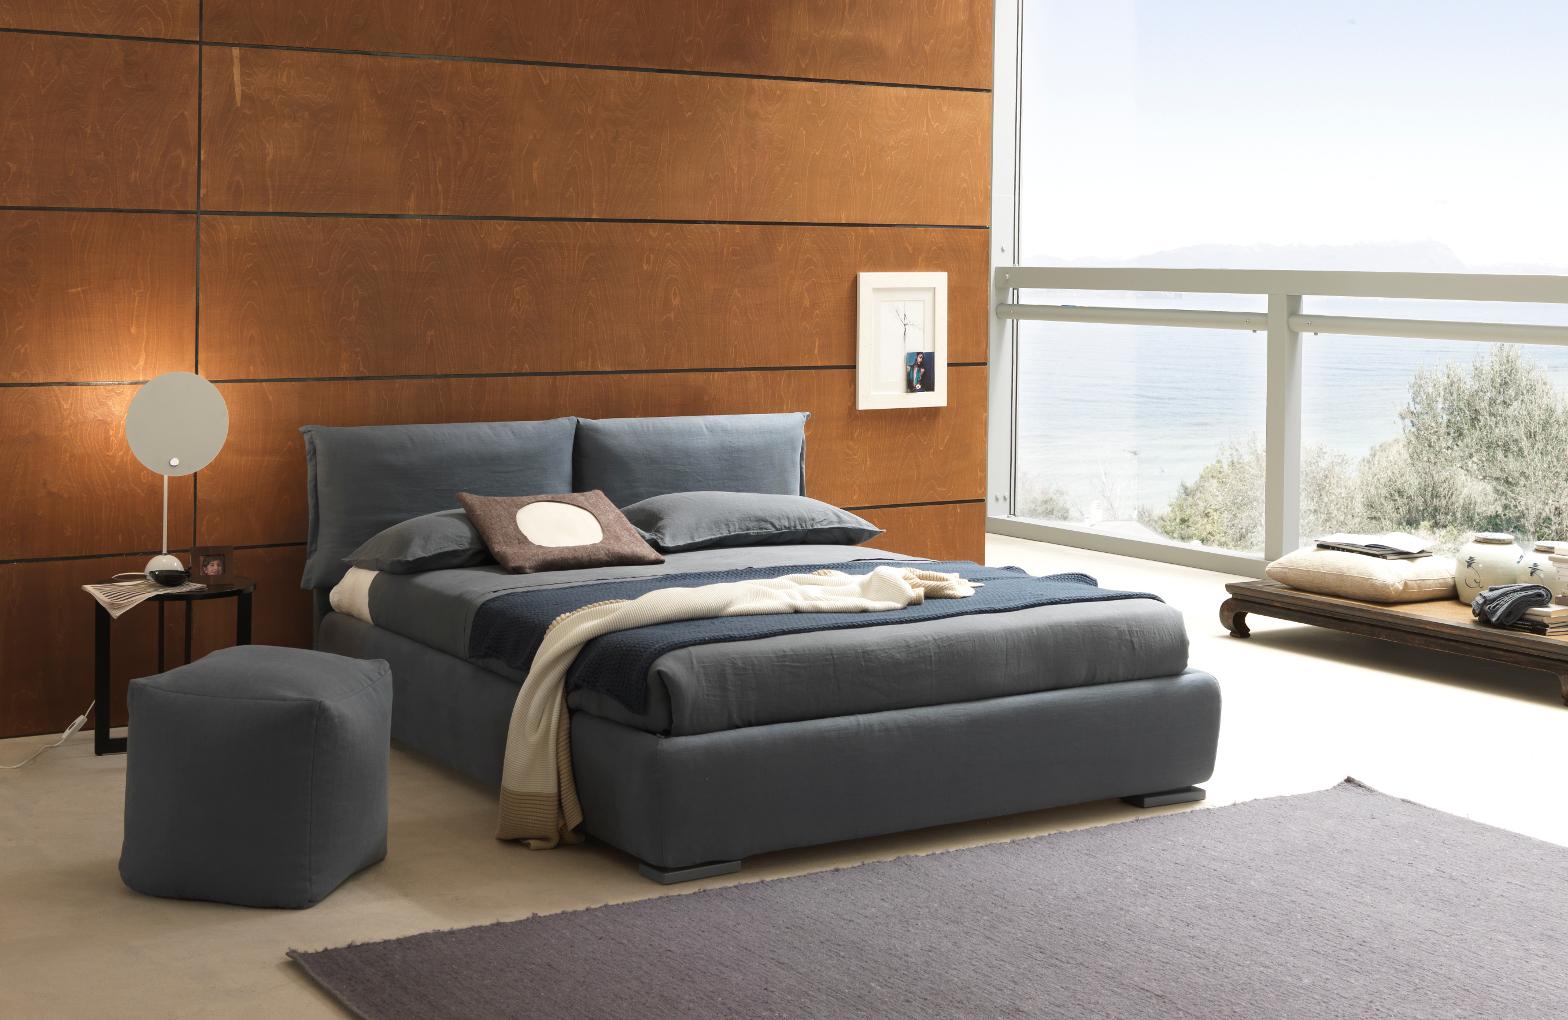 Foto di letti bolzan blu in stanza solare letto moderno for Camera da letto vittoriana buia